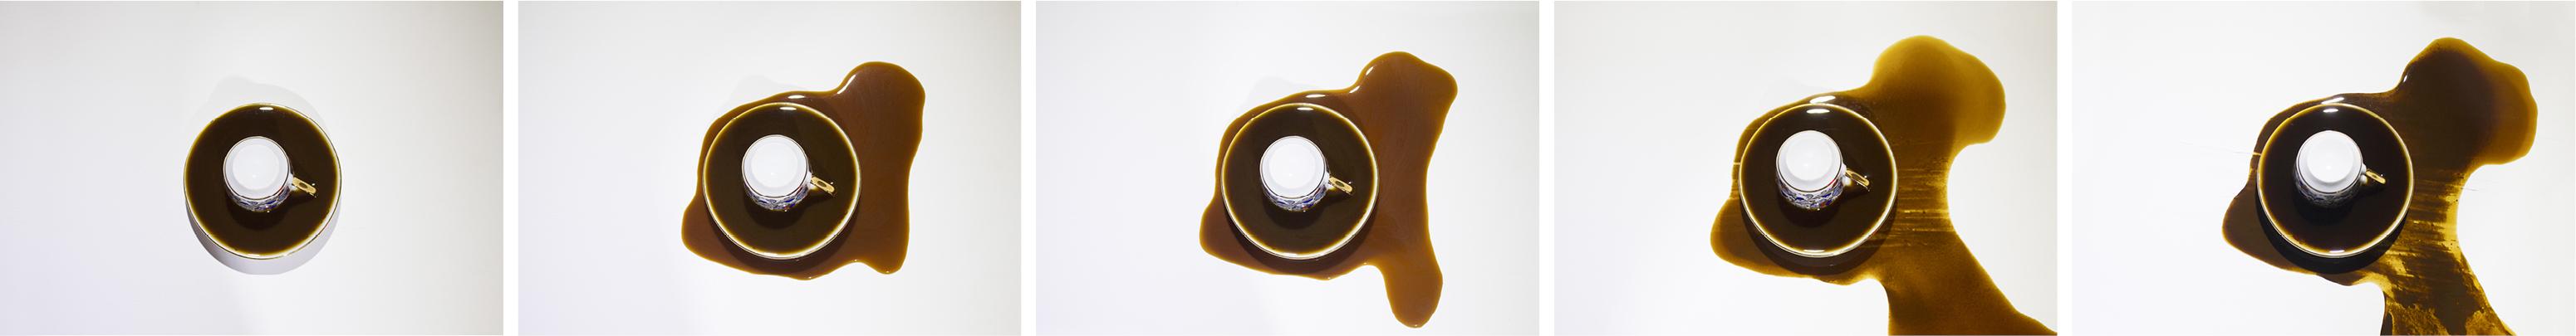 Kahve reihe